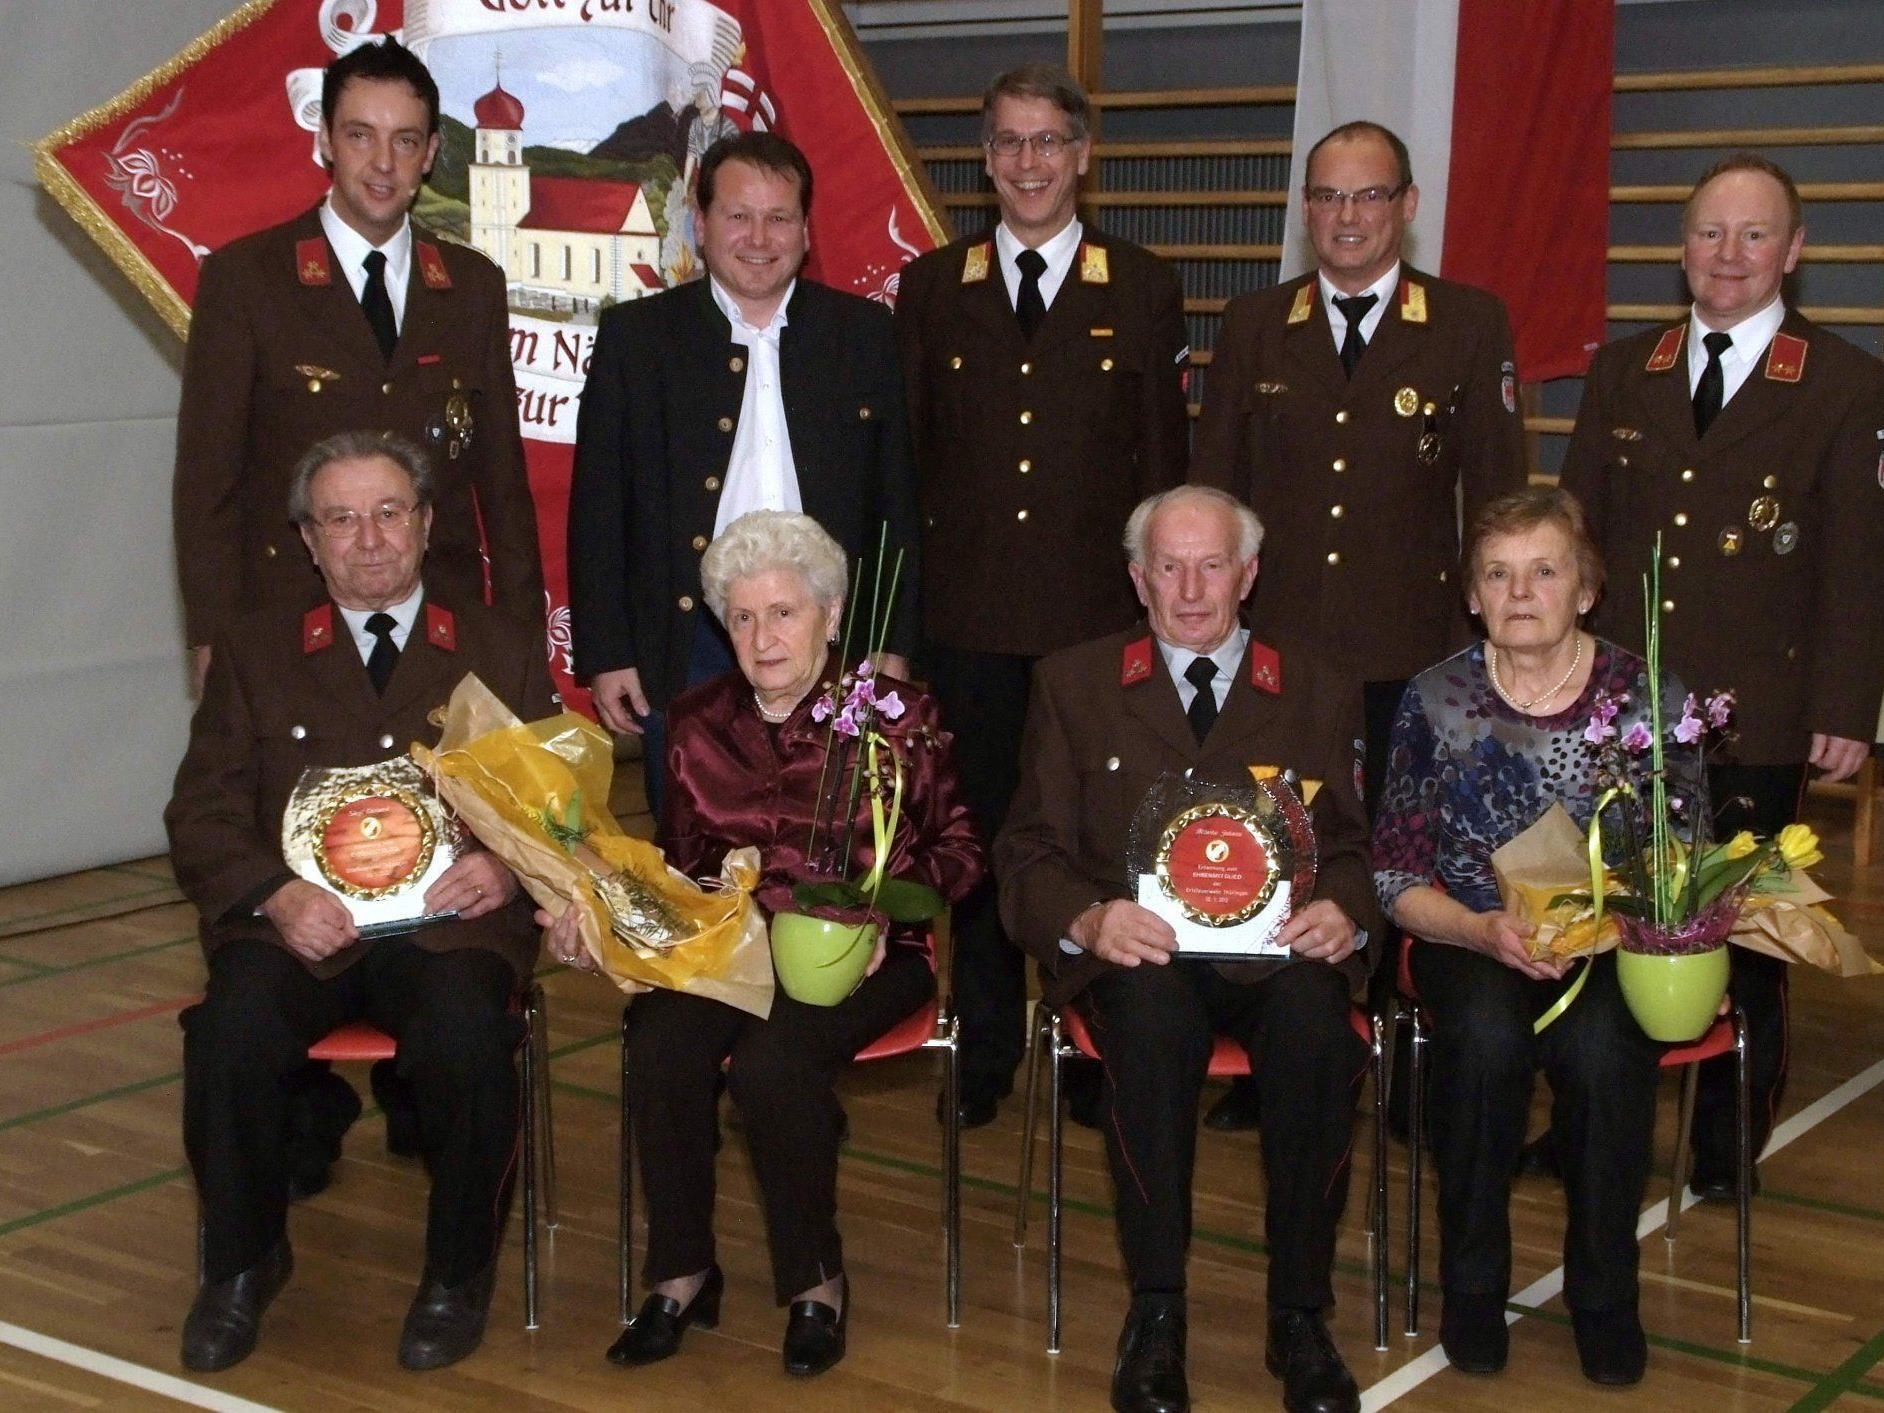 Ehrenmitglieder: Edi Siegl mit Rosmarie, Johann Bitsche mit Elke und Gratulanten.